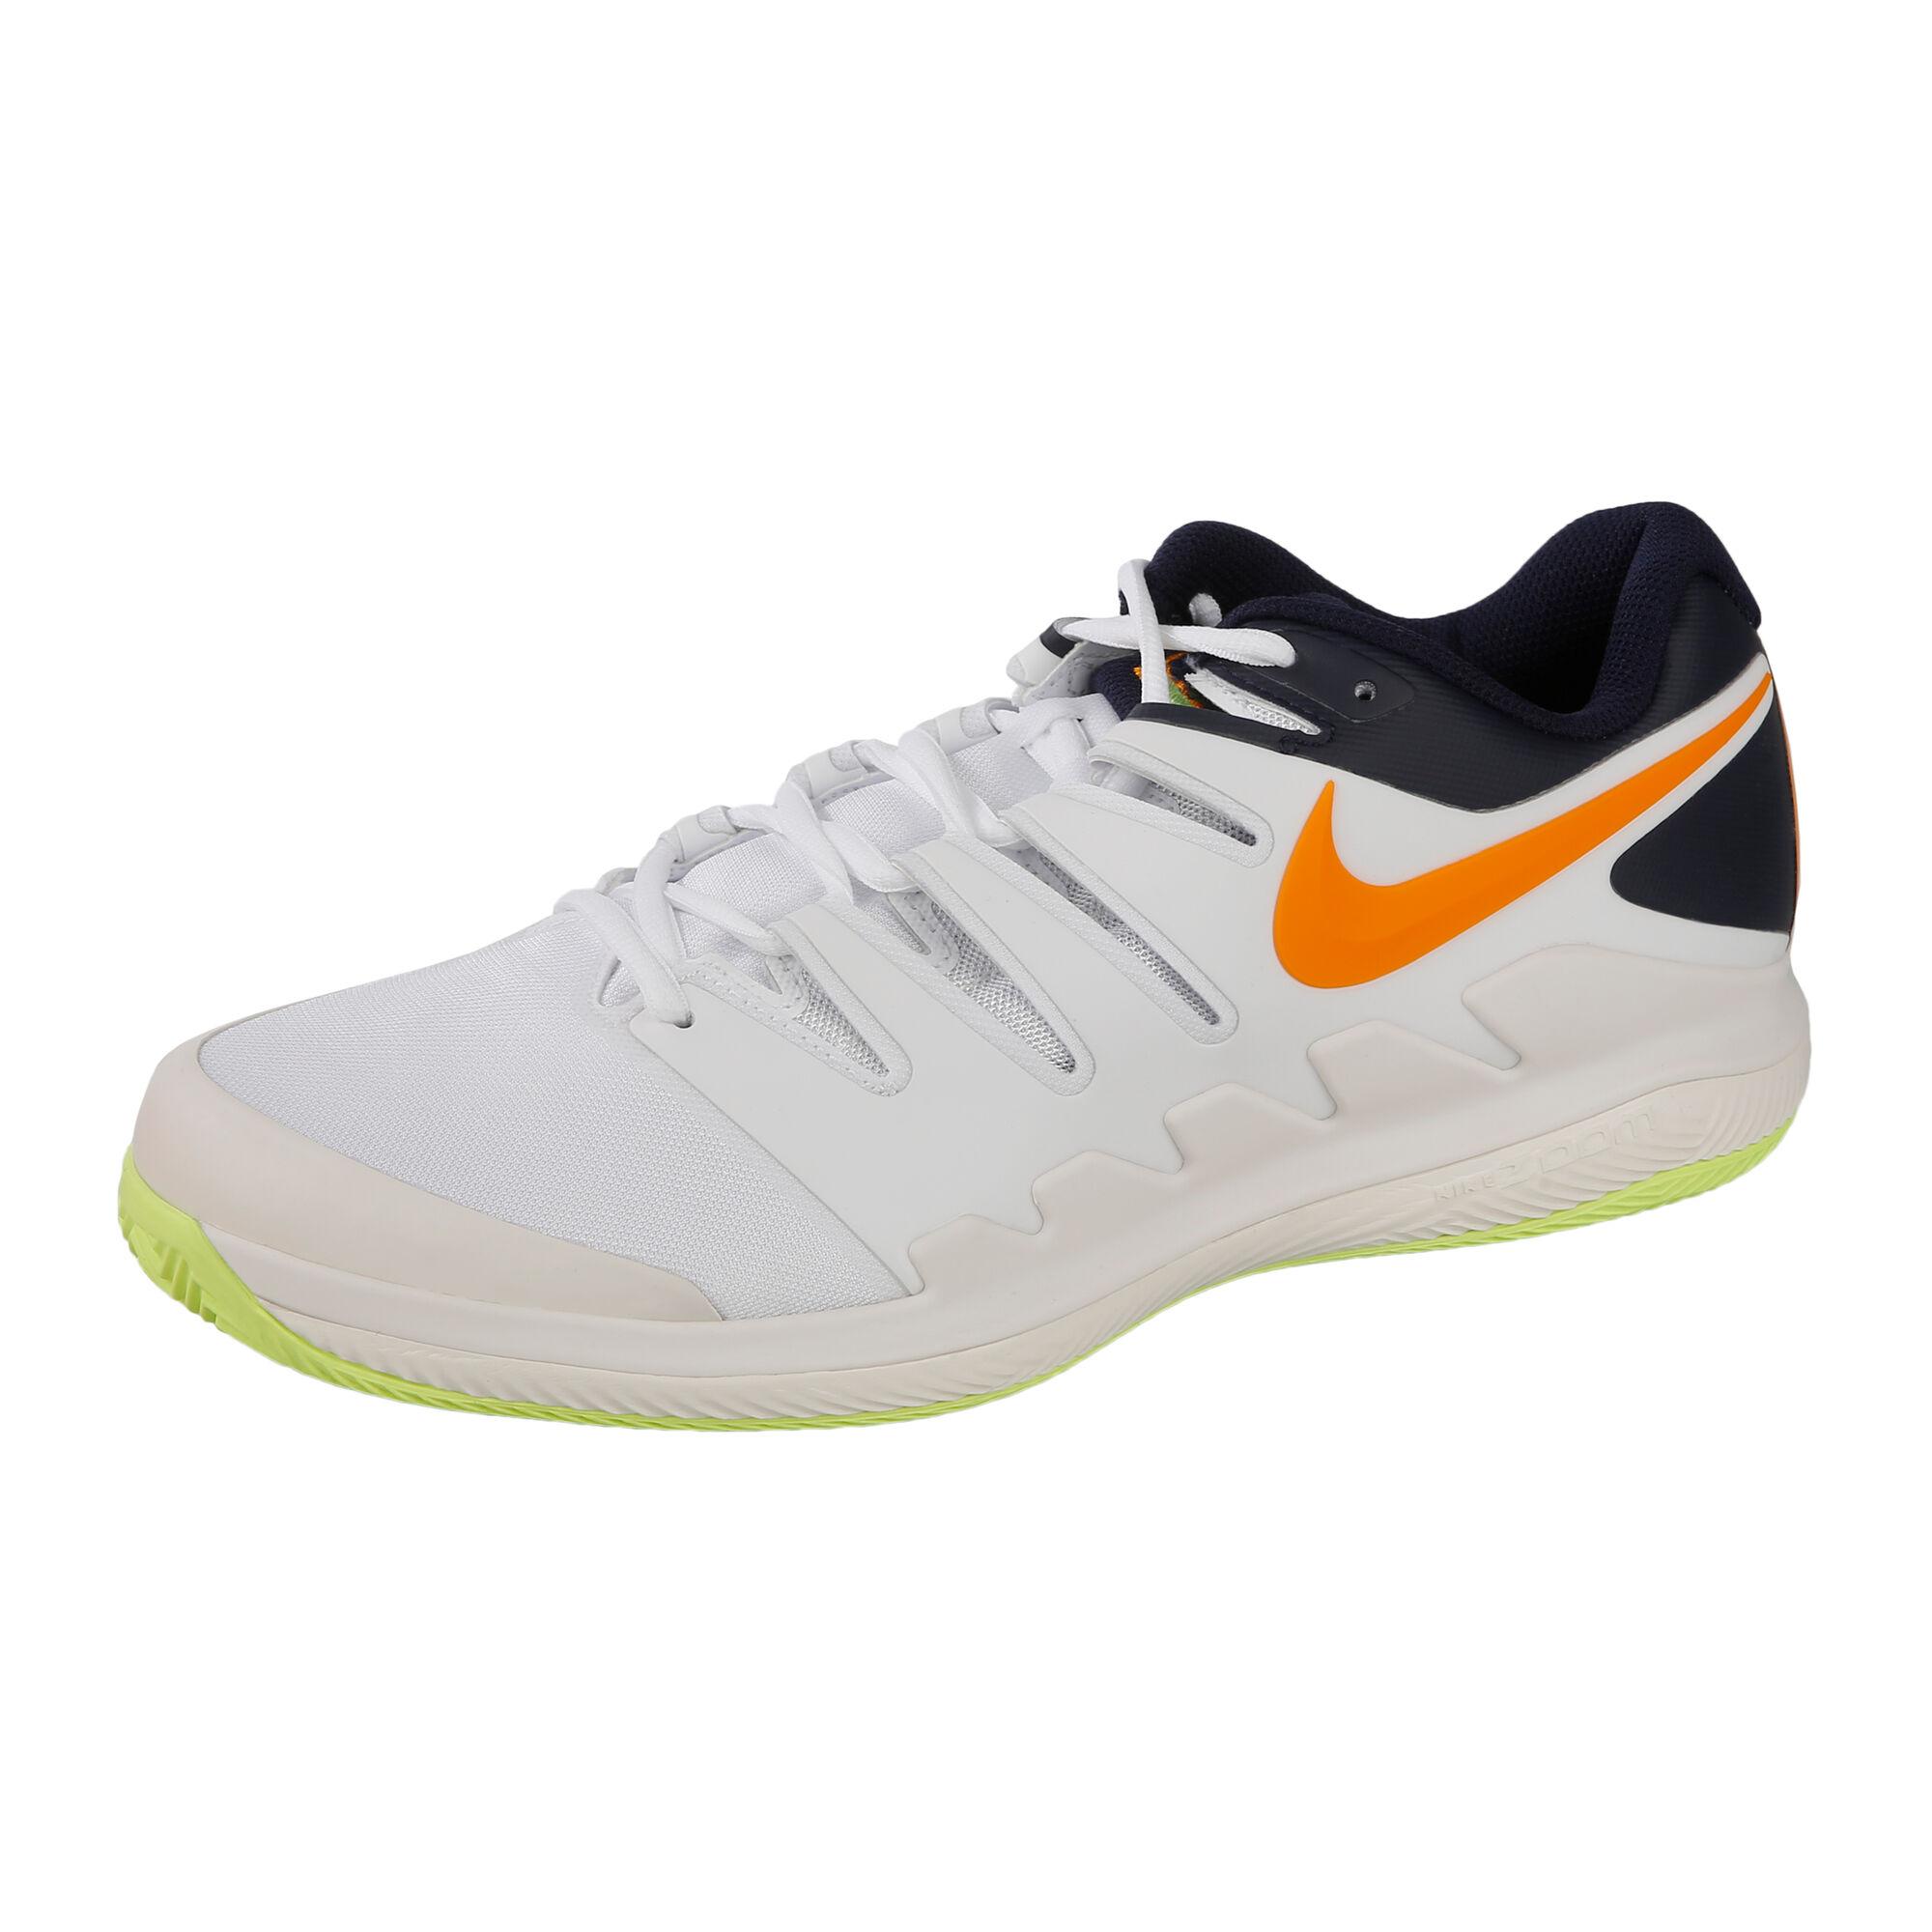 e07b88a8cef Nike Air Zoom Vapor X Clay Sko För Grus Herrar - Vit, Mörkblå köp ...